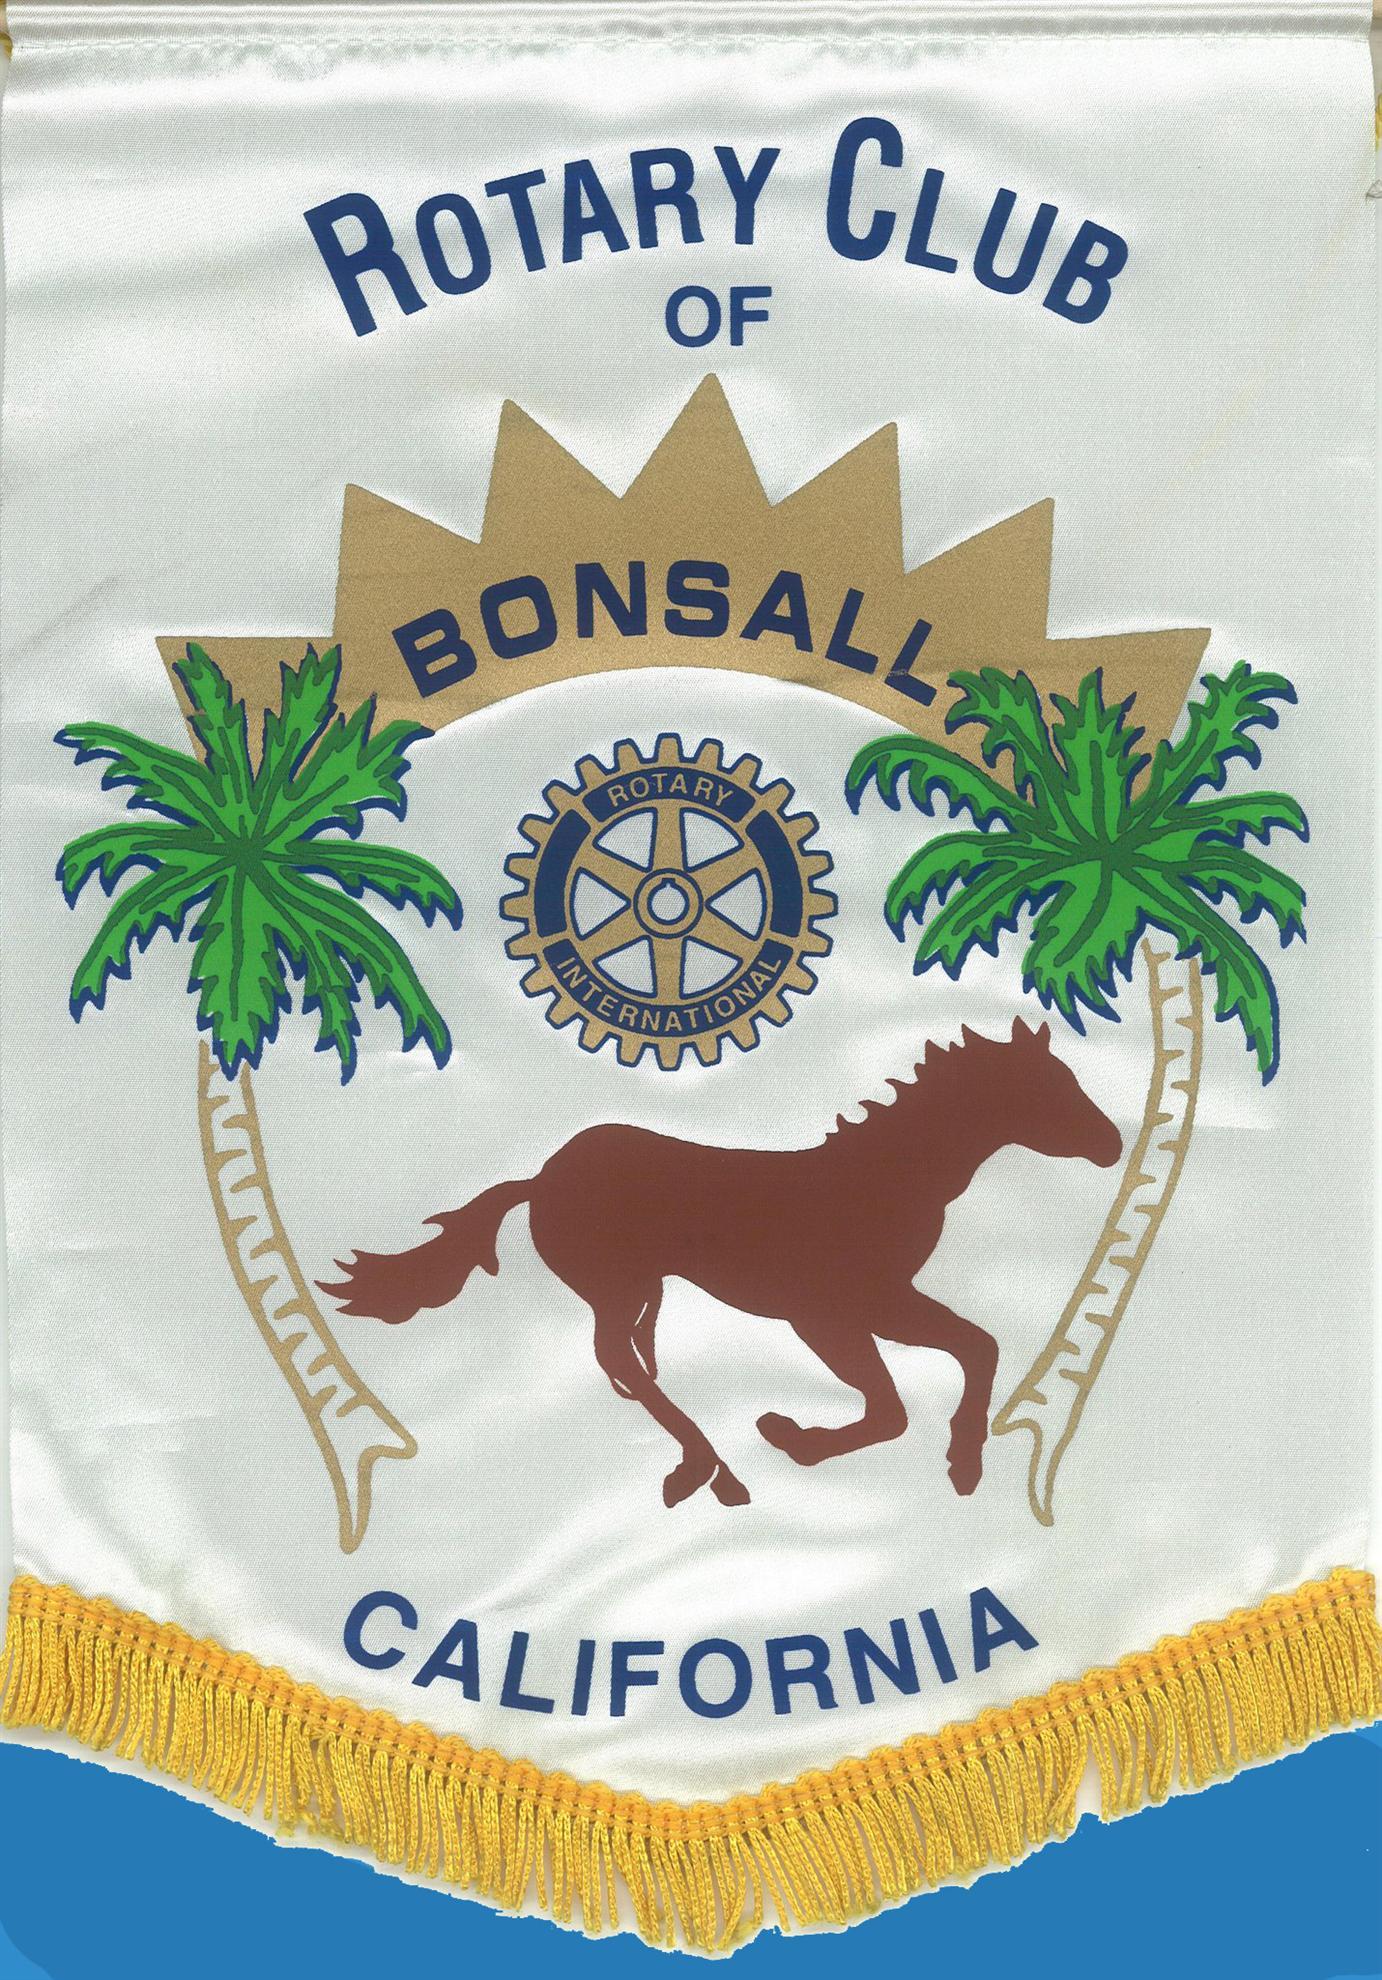 Bonsall logo